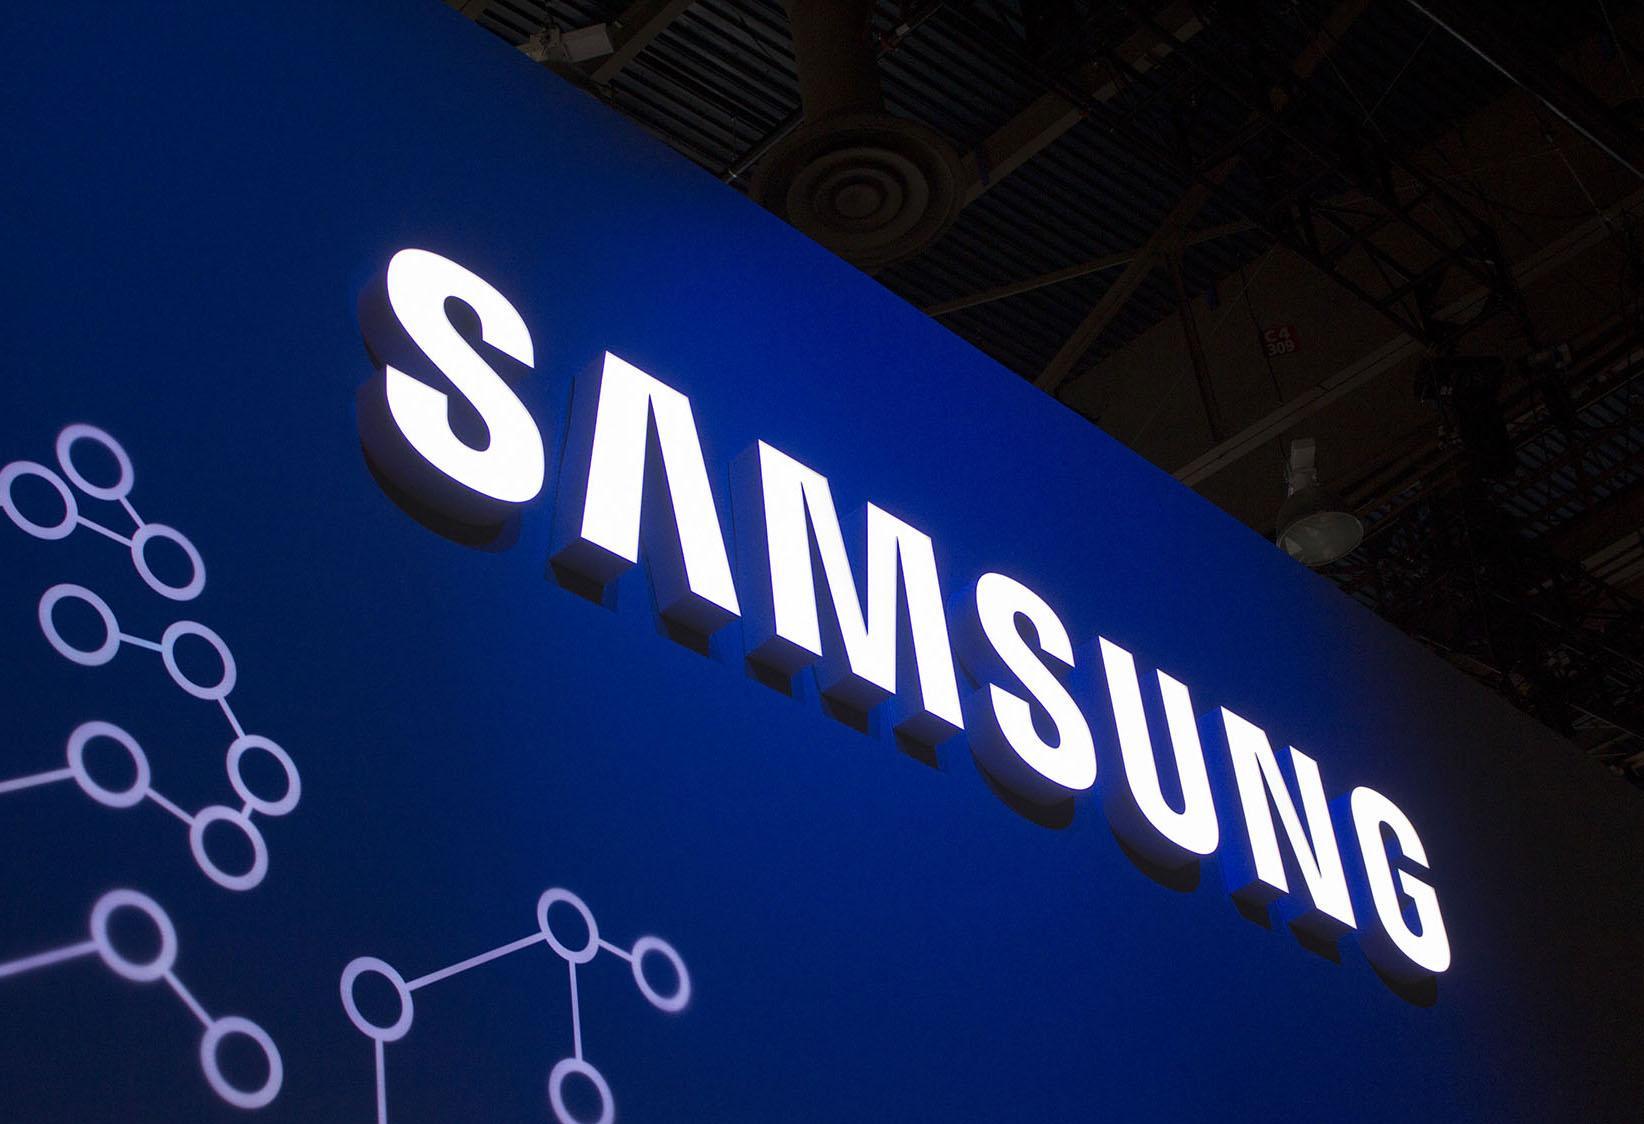 Logotipo de la compañía Samsung